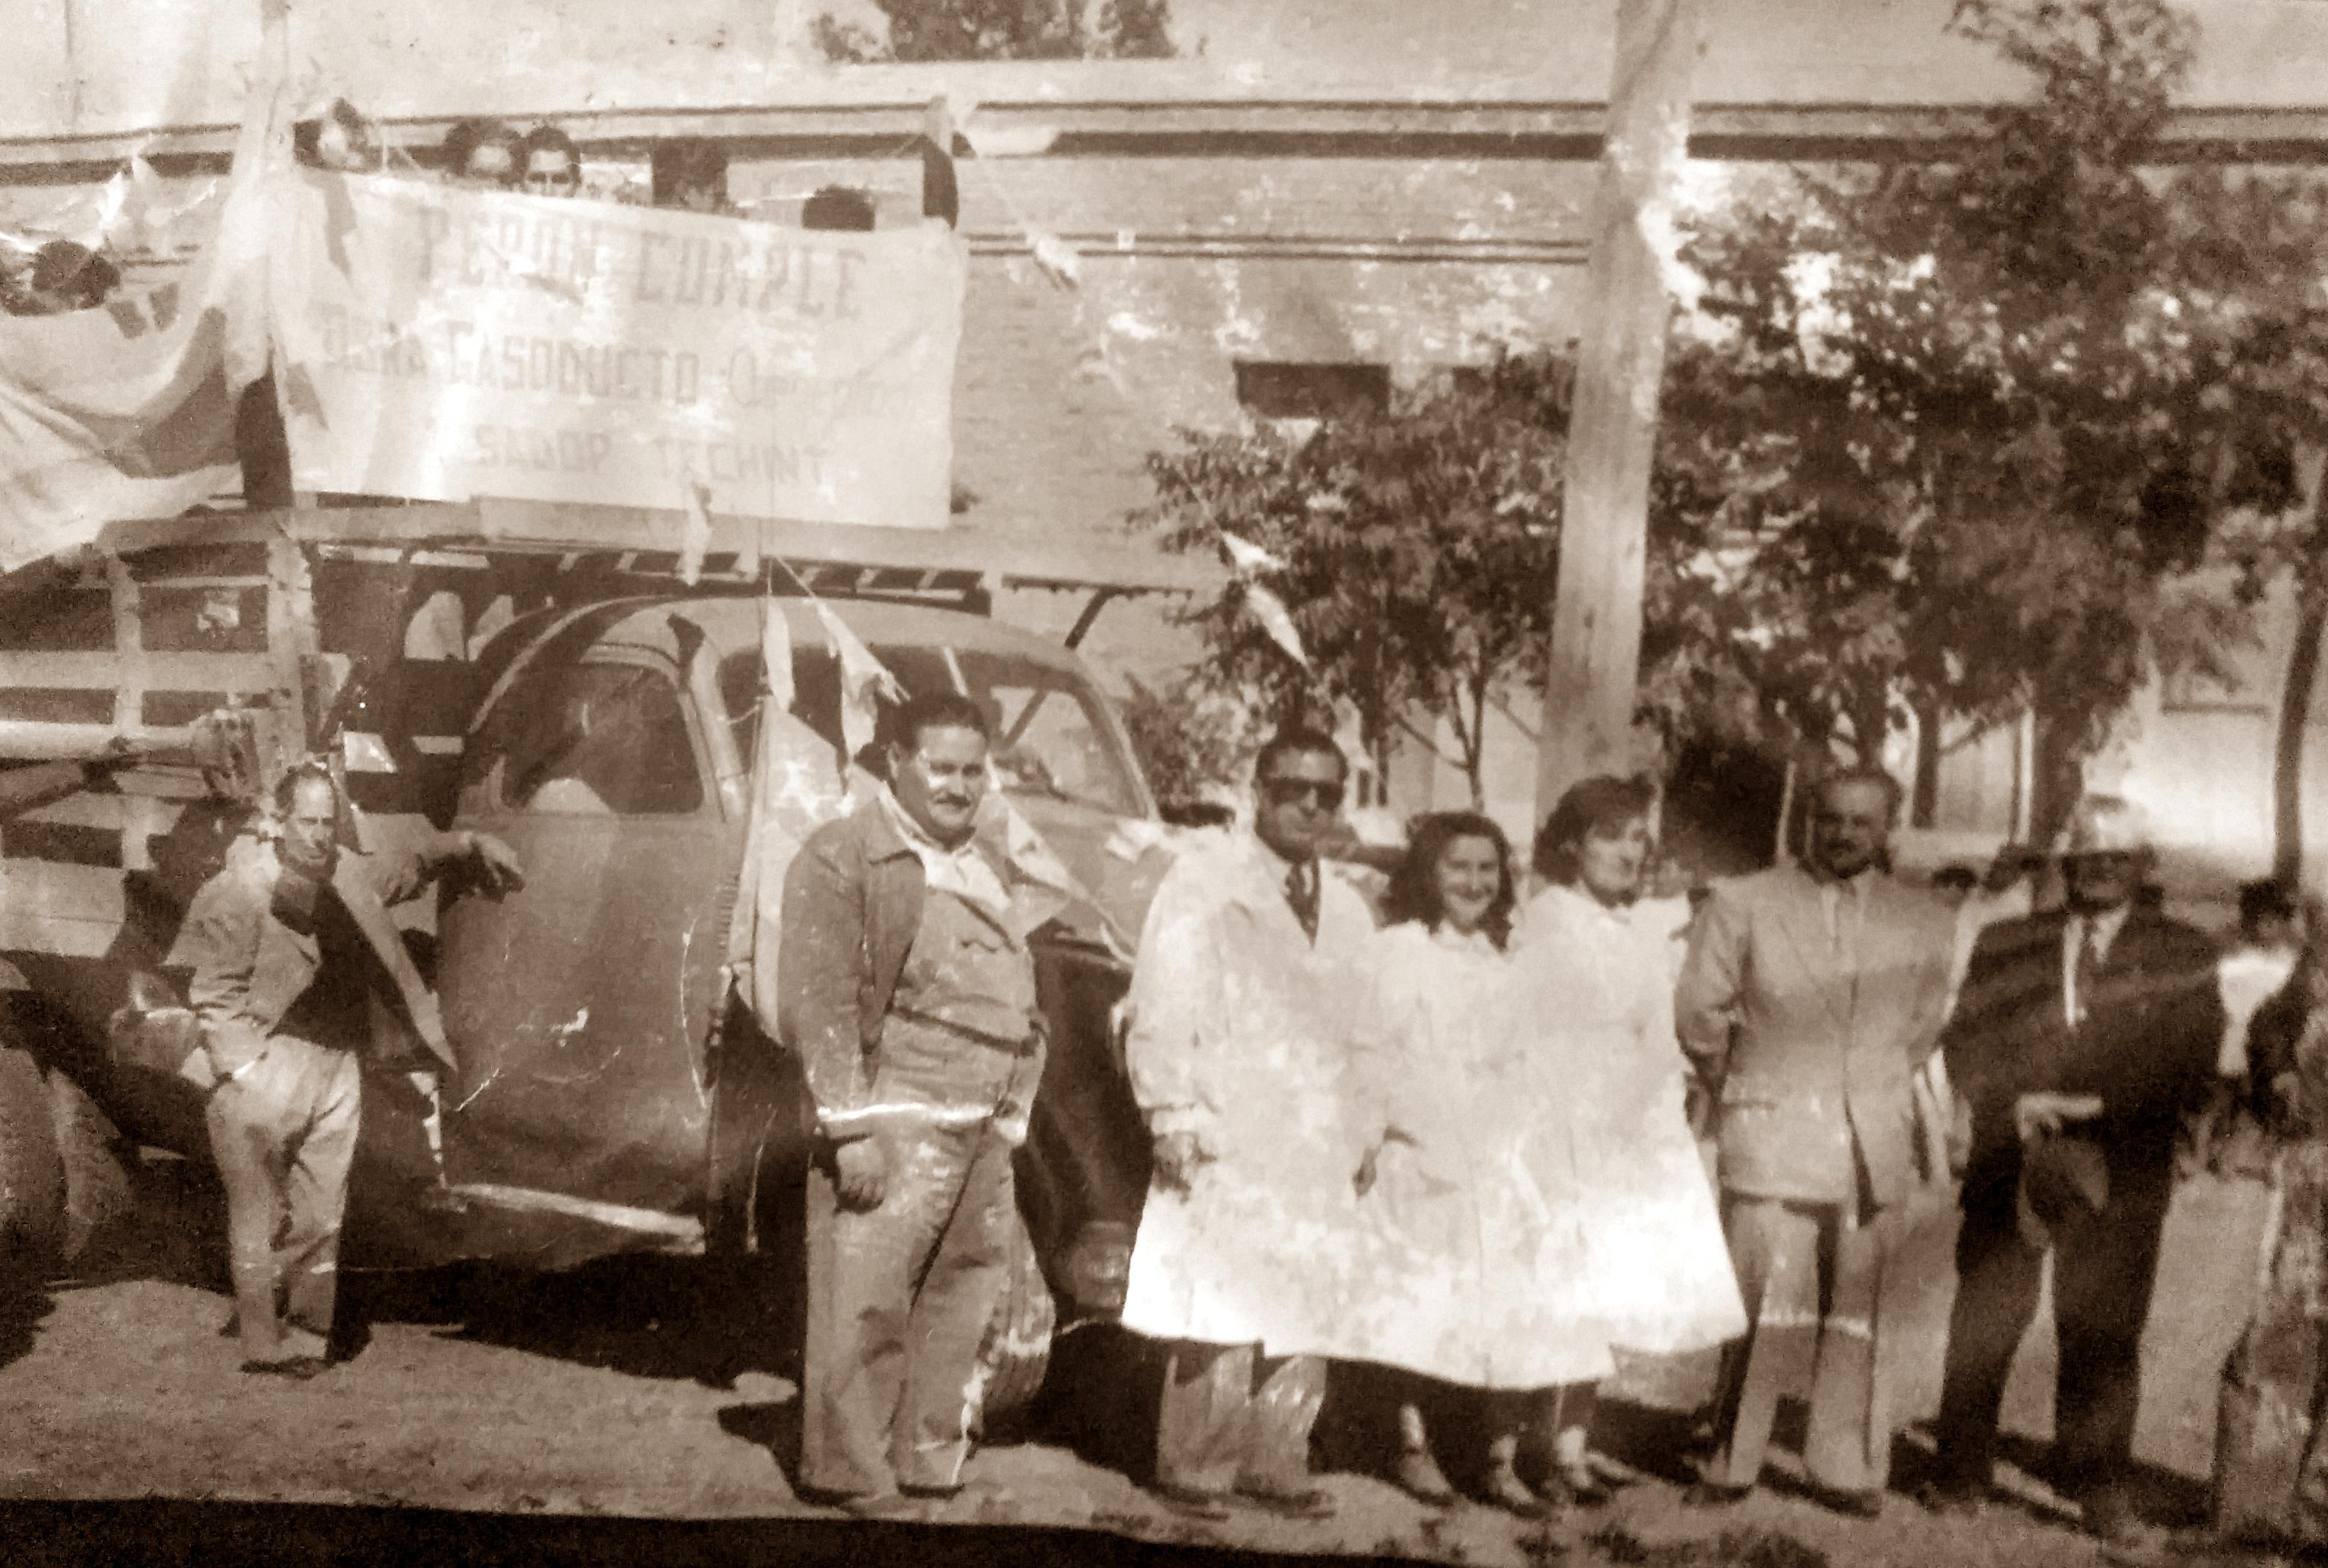 El maestro Carlos Armando, frente a la escuela Nº9, de Gral. Conesa (Provincia de Río Negro), en la década de 1950.